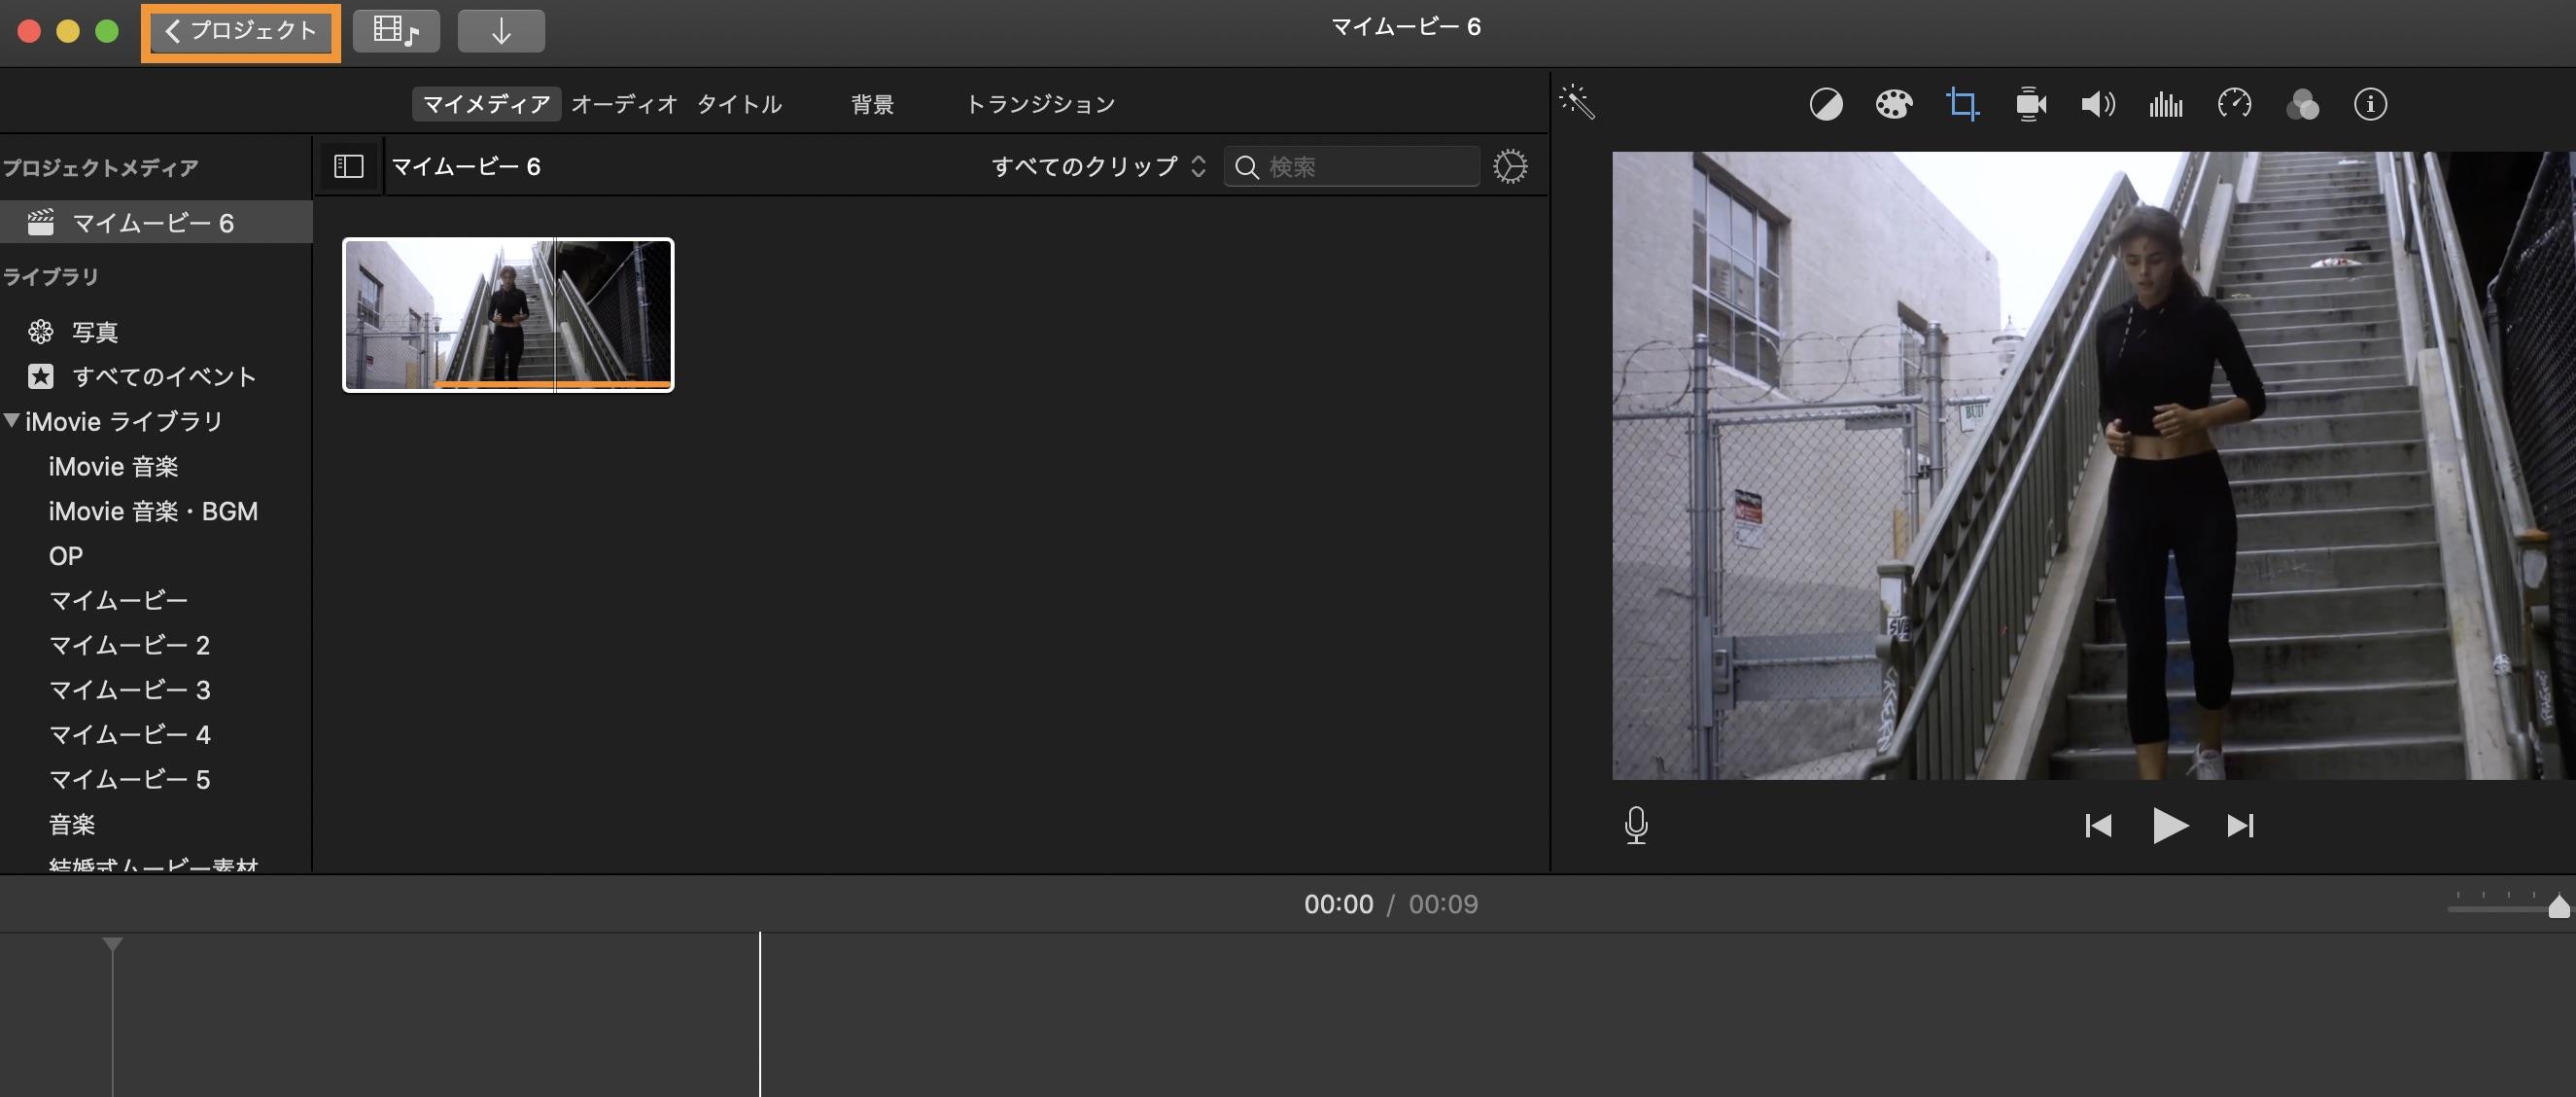 Mac 4 編集した動画を保存する